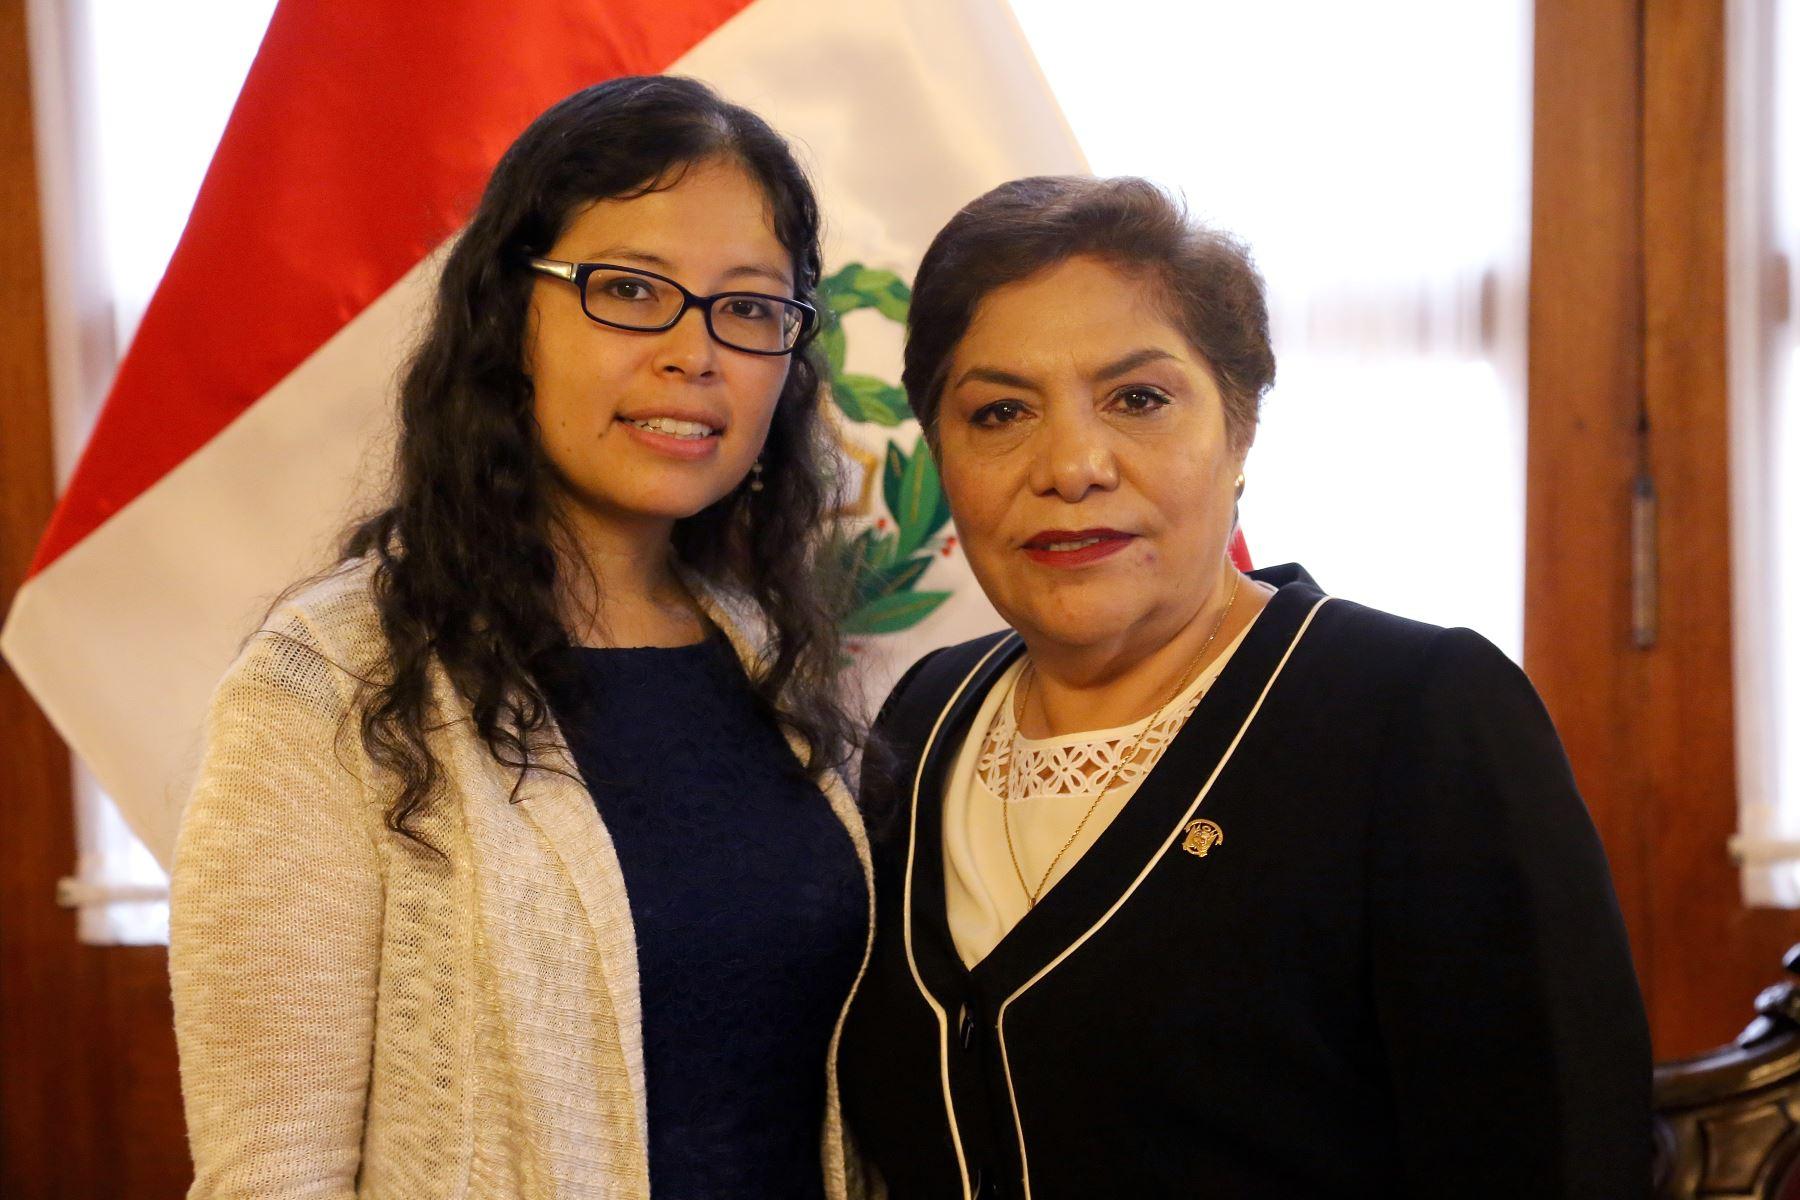 Presidenta del Congreso, Luz Salgado, recibió a la ingeniera aeroespacial, Jackelynne Silva-Martínez, nacida en el Cusco y trabaja en la NASA. ANDINA/Difusión